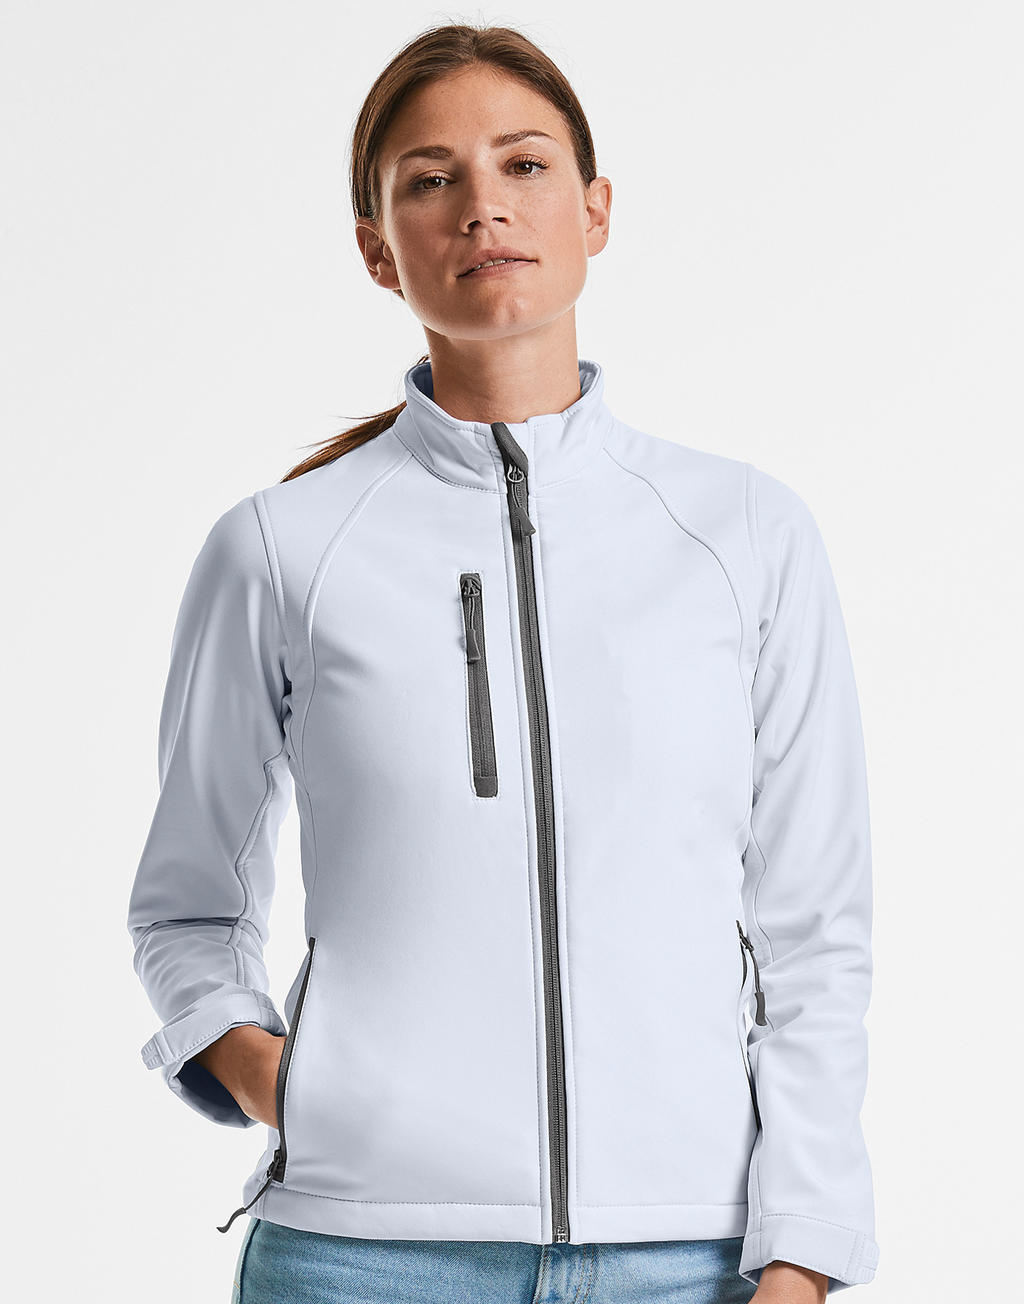 140F Ladies' Softshell Jacket Russell Europe